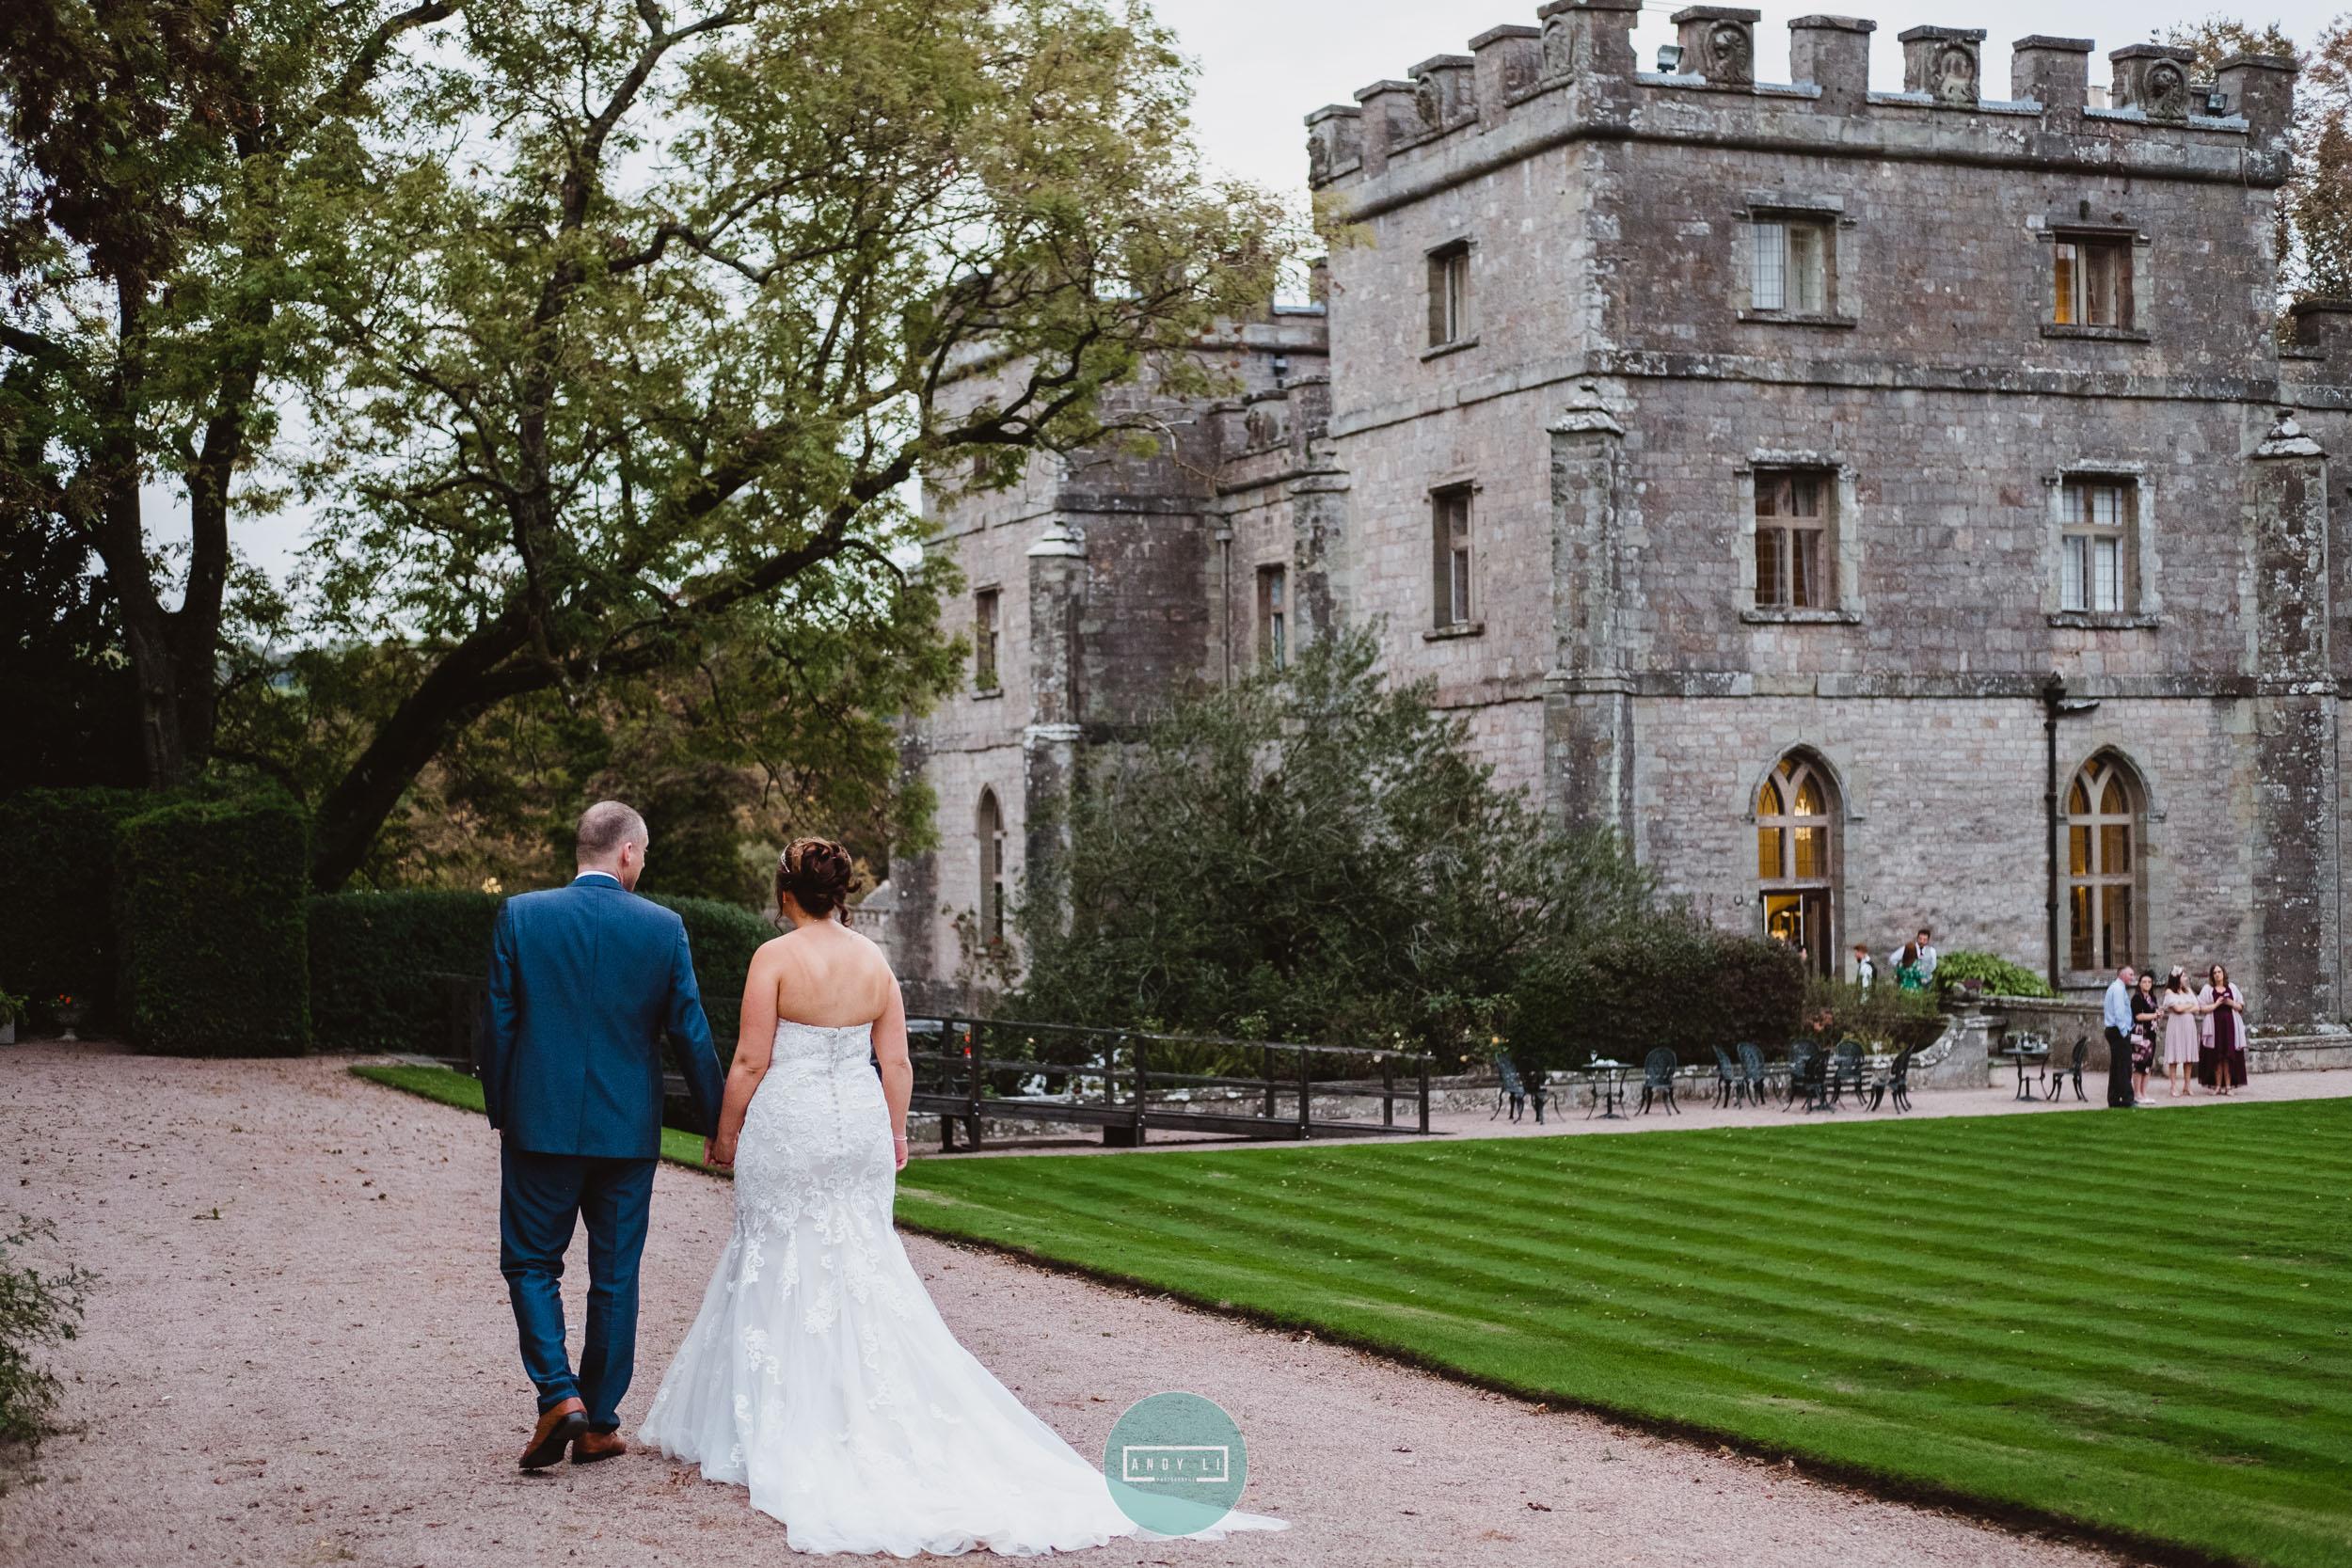 Clearwell Castle Wedding Photographer-154-AXT21079.jpg